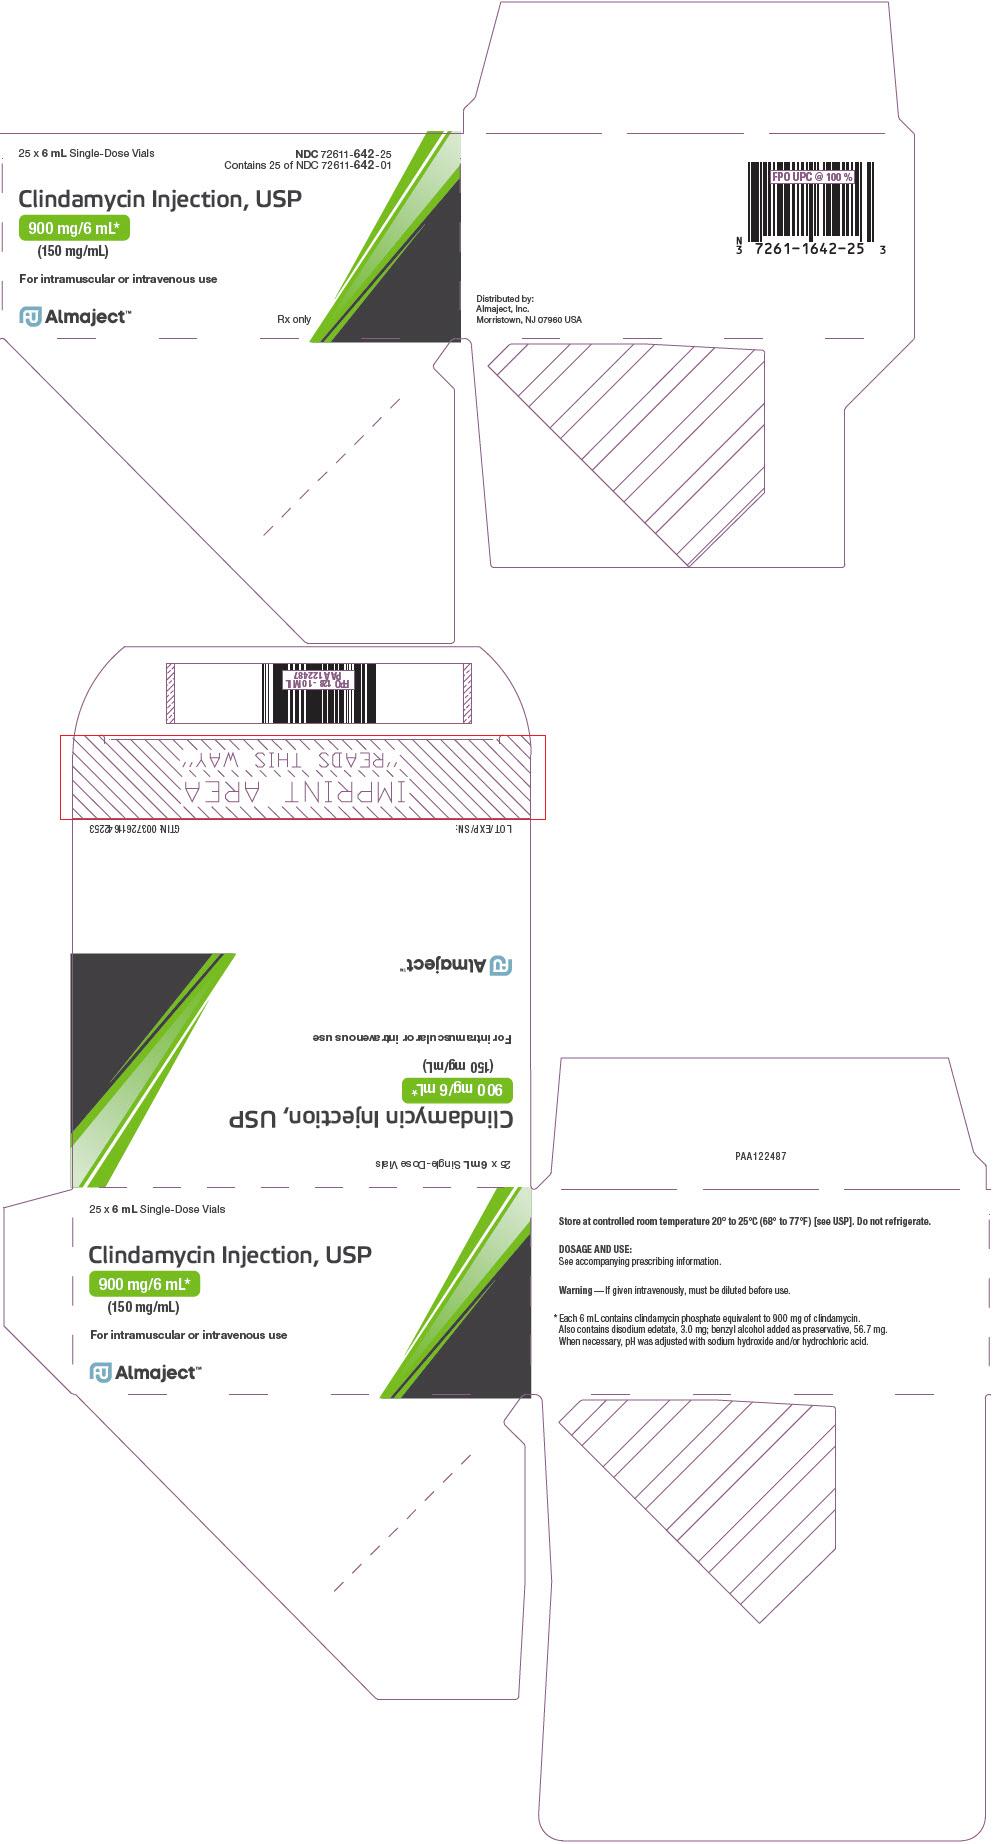 PRINCIPAL DISPLAY PANEL - 6 mL Vial Carton